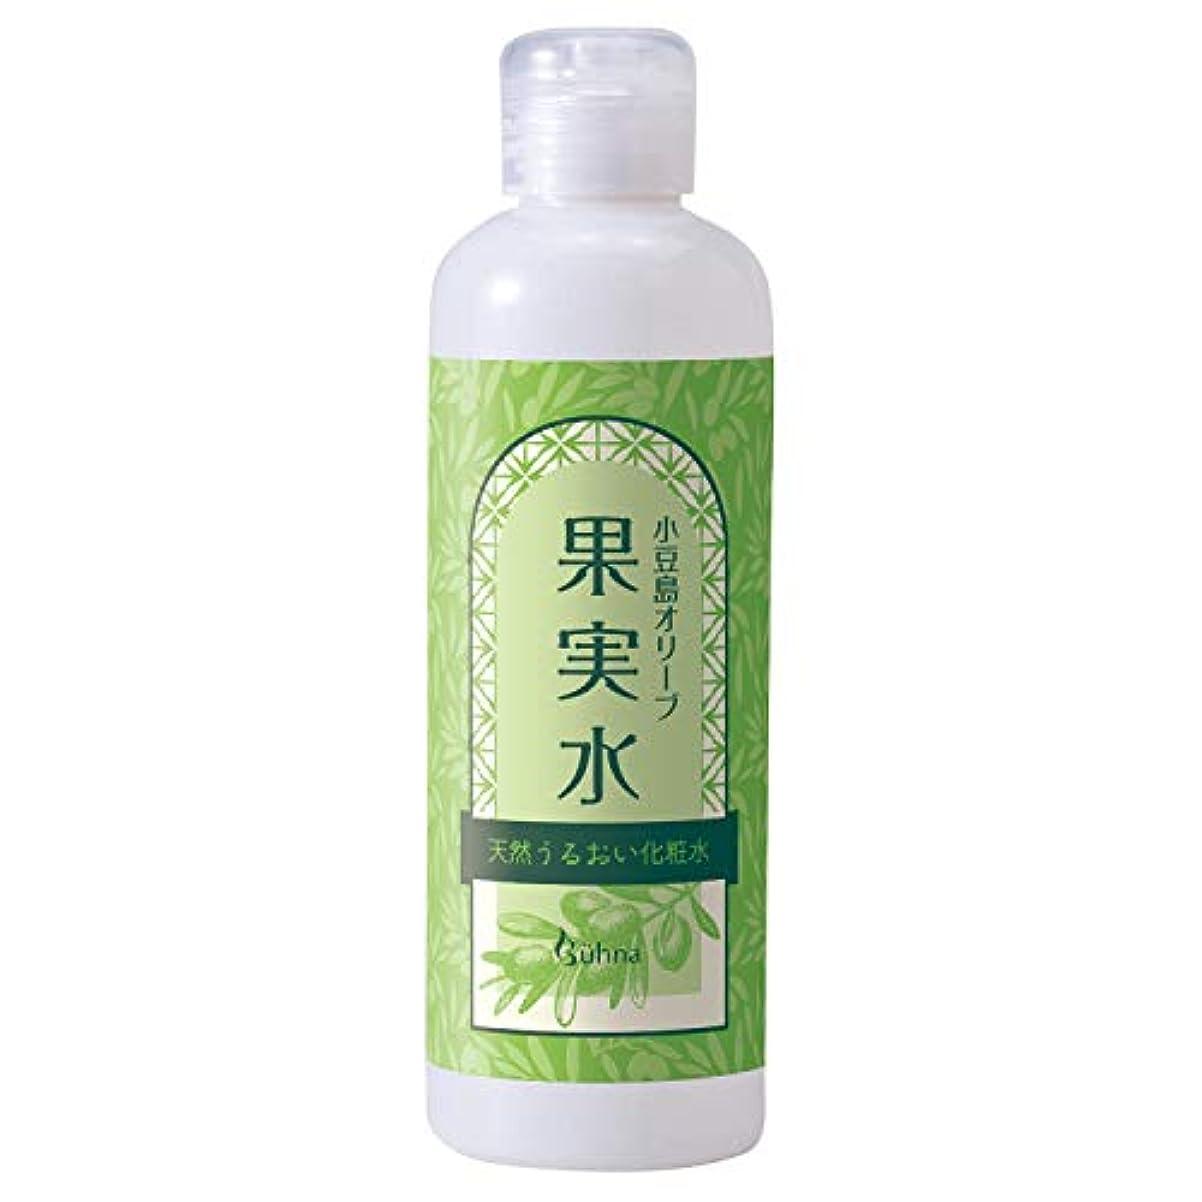 ポーズ鉛筆代表してビューナ 小豆島オリーブ果実水 化粧水 保湿 オリーブオイル 無着色